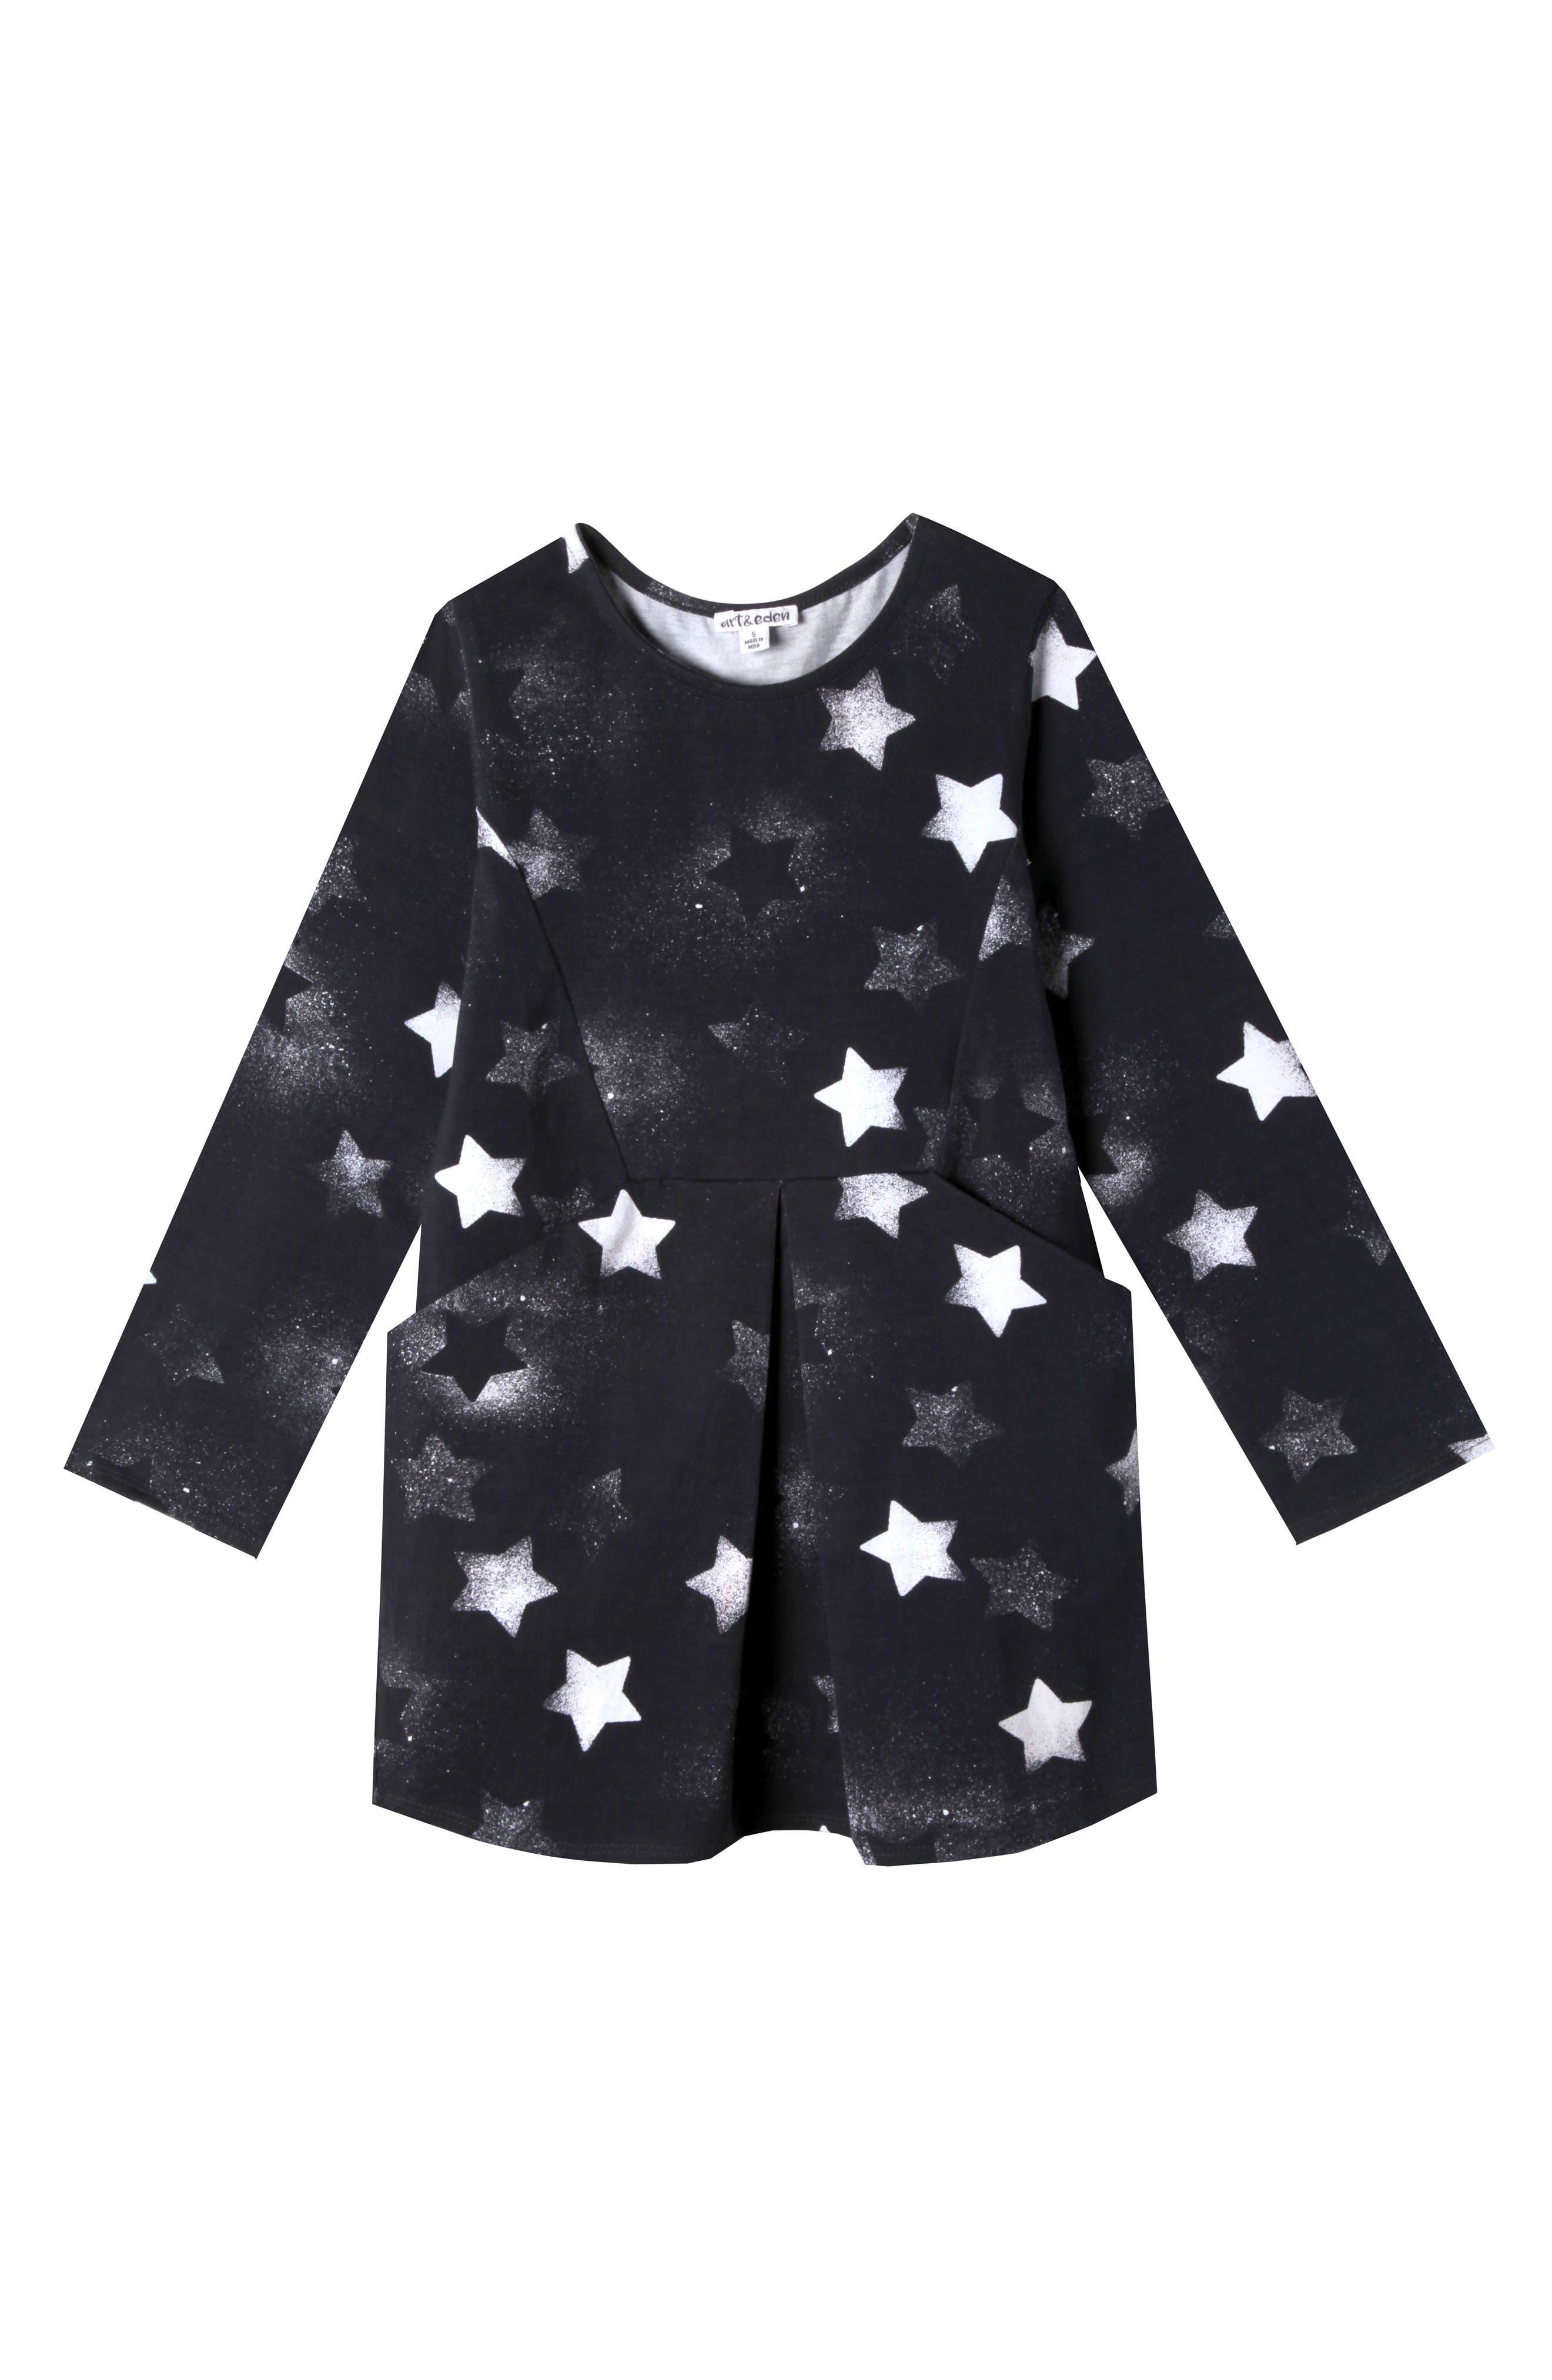 Alternate Image 1 Selected - Art & Eden Kennedy Star Print Dress (Toddler Girls & Little Girls)